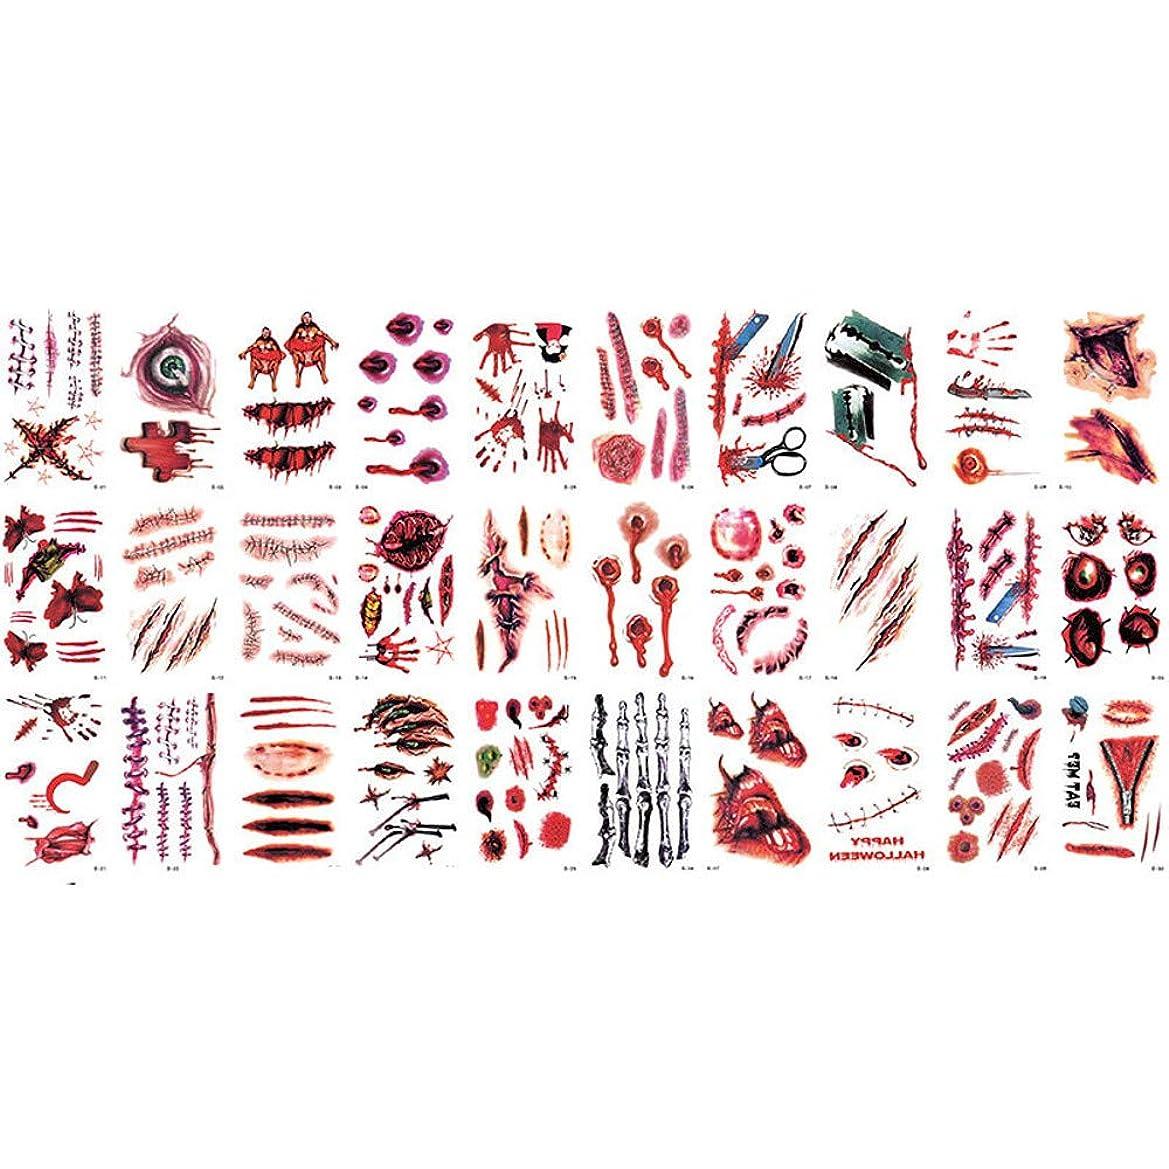 シガレットアナログ合唱団OSMNICE タトゥーステッカー 30枚 防水ハロウィンバンパイア 子供 レディース 刺青シール 長持ち 防水 腕、足、体、胸、肩、背中に簡単貼る防水